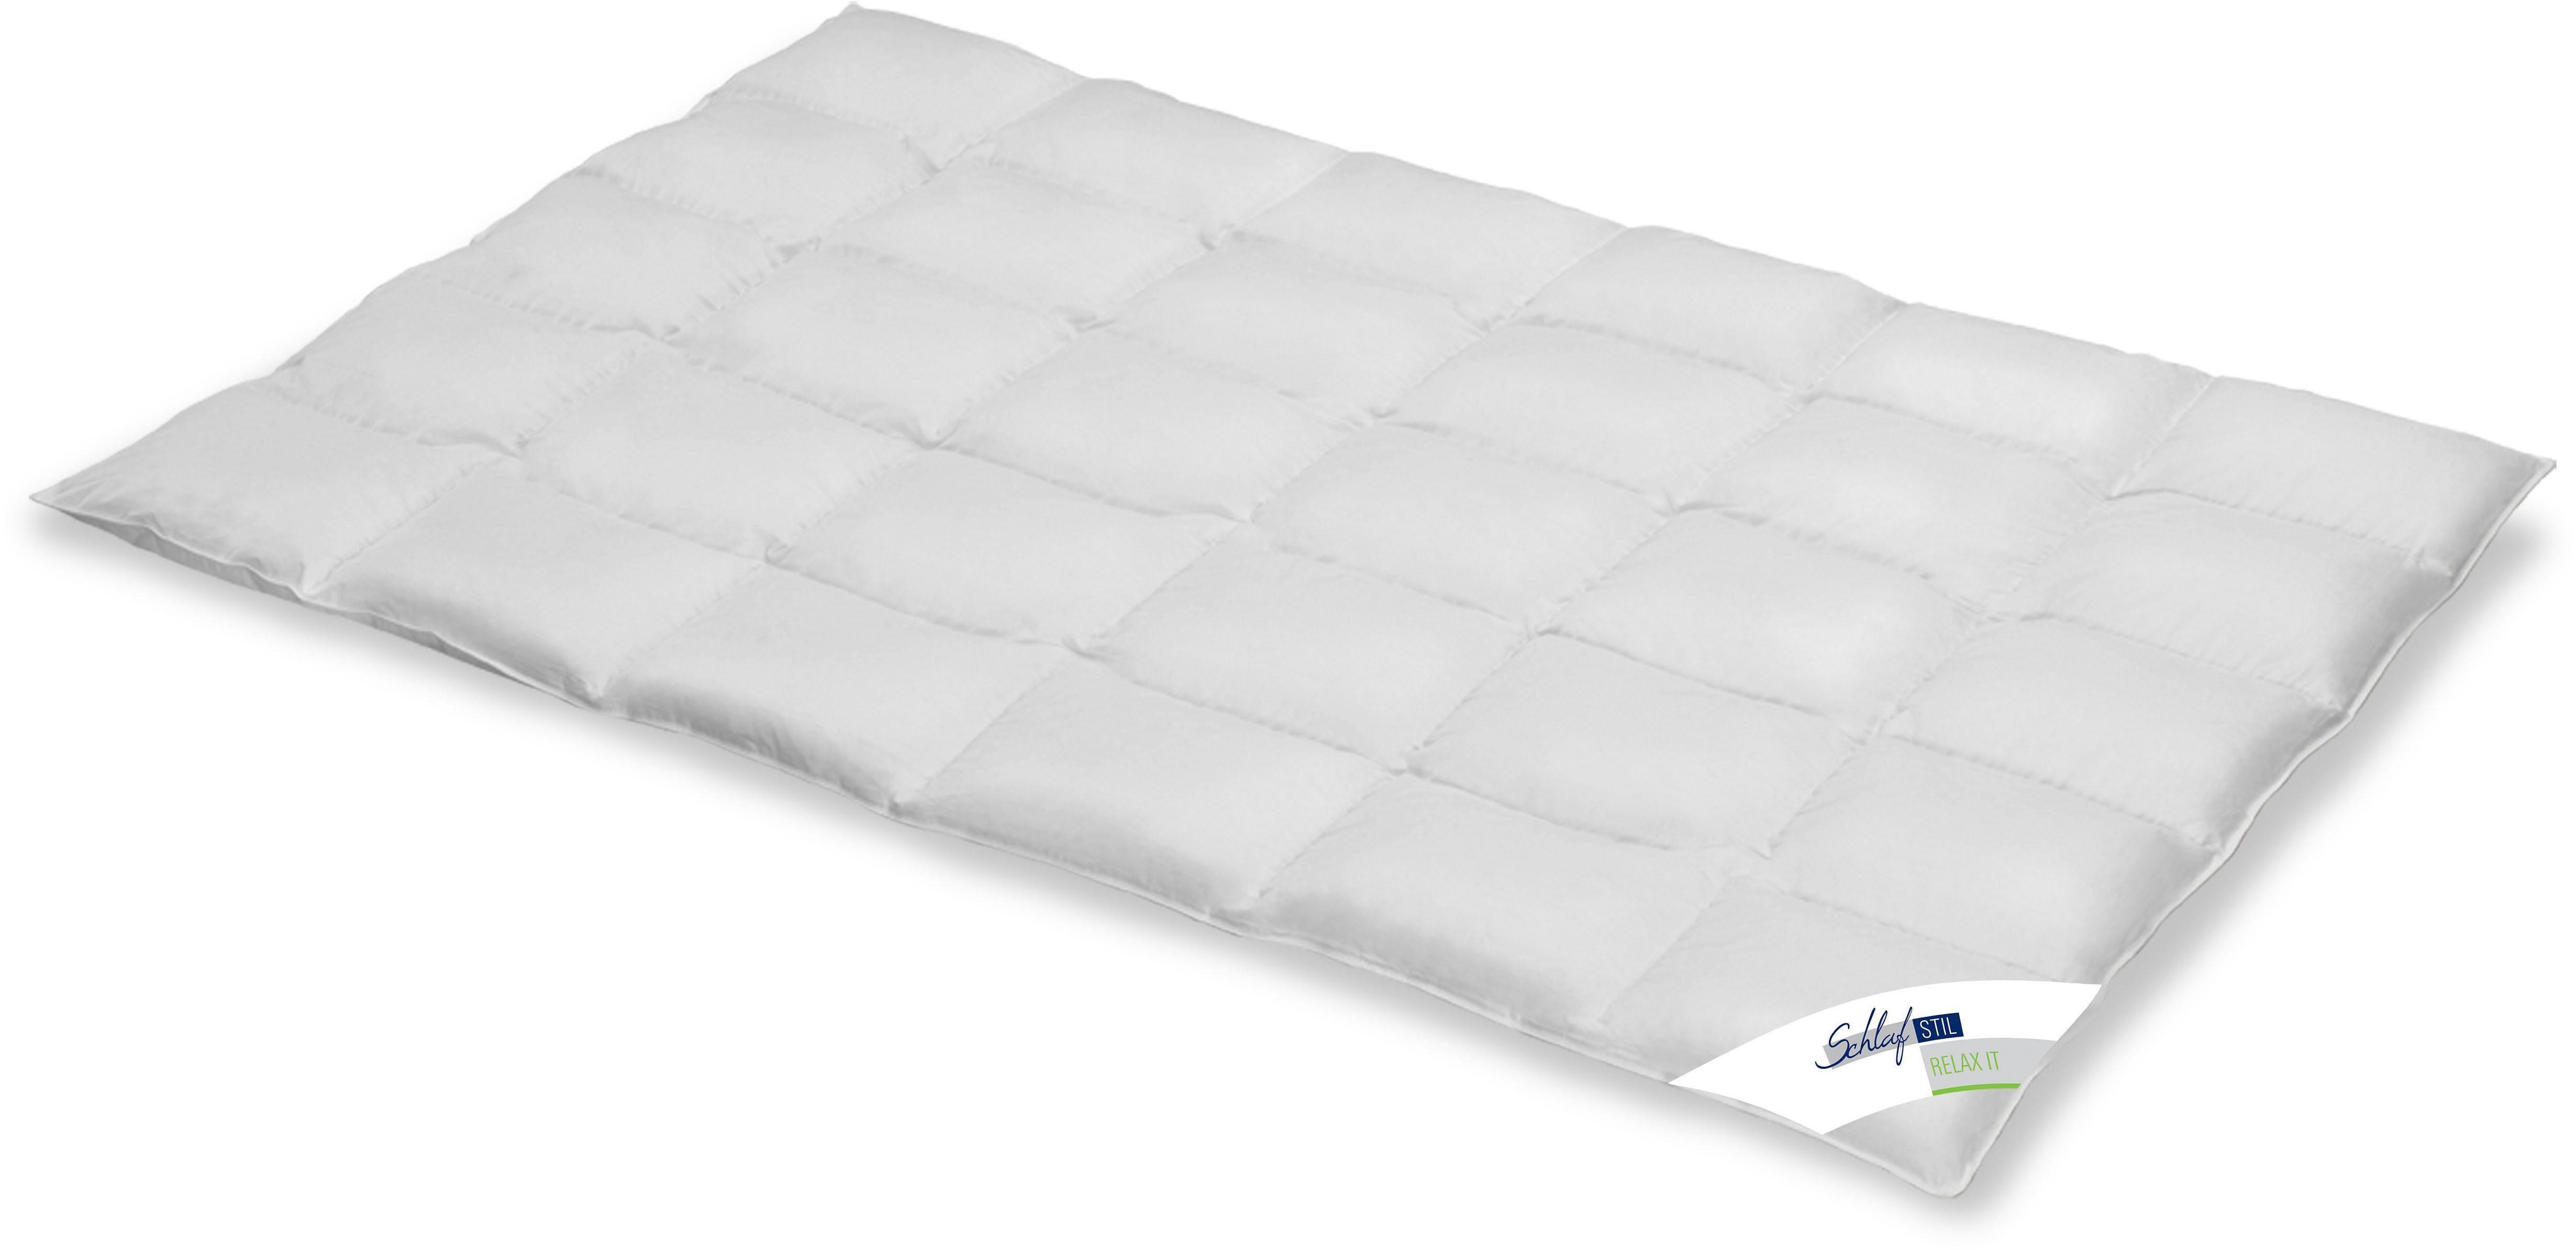 Daunenbettdecke Relax It Schlafstil normal Füllung: 60% Daunen 40% Federn Bezug: 100% Baumwolle